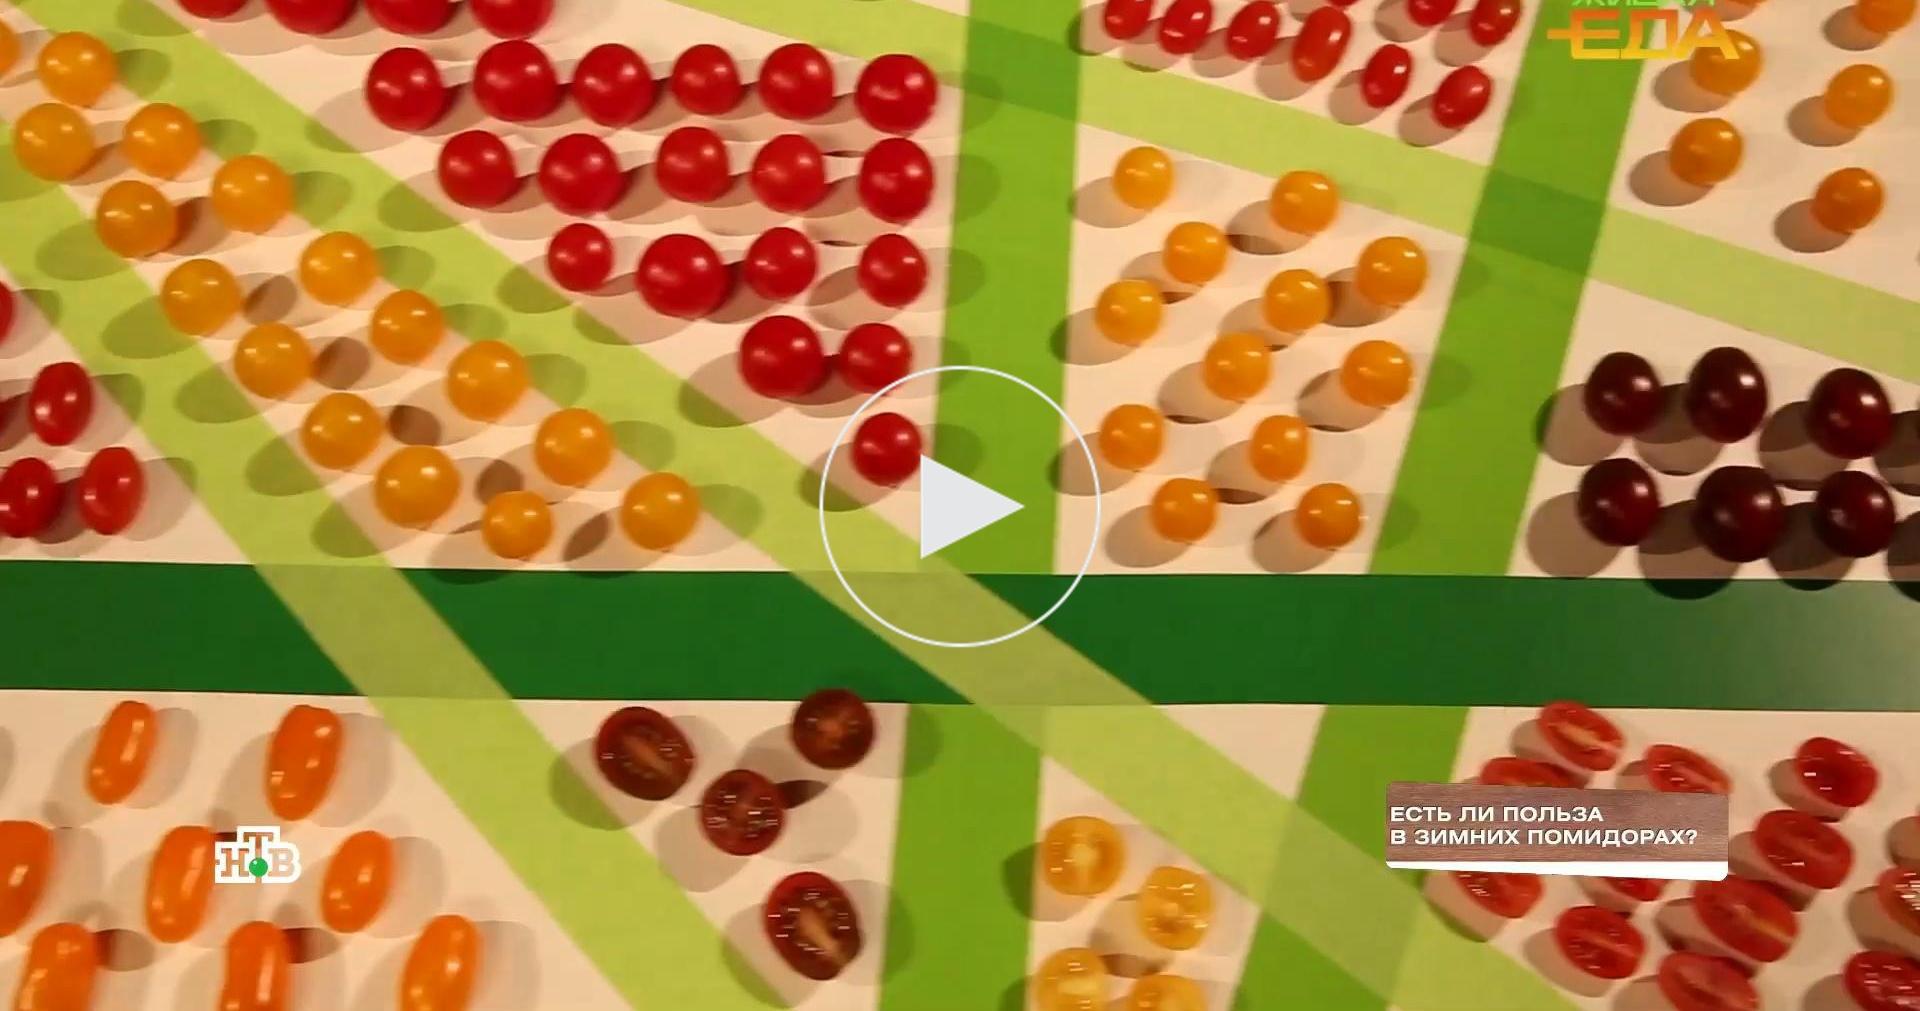 Естьли польза взимних помидорах?